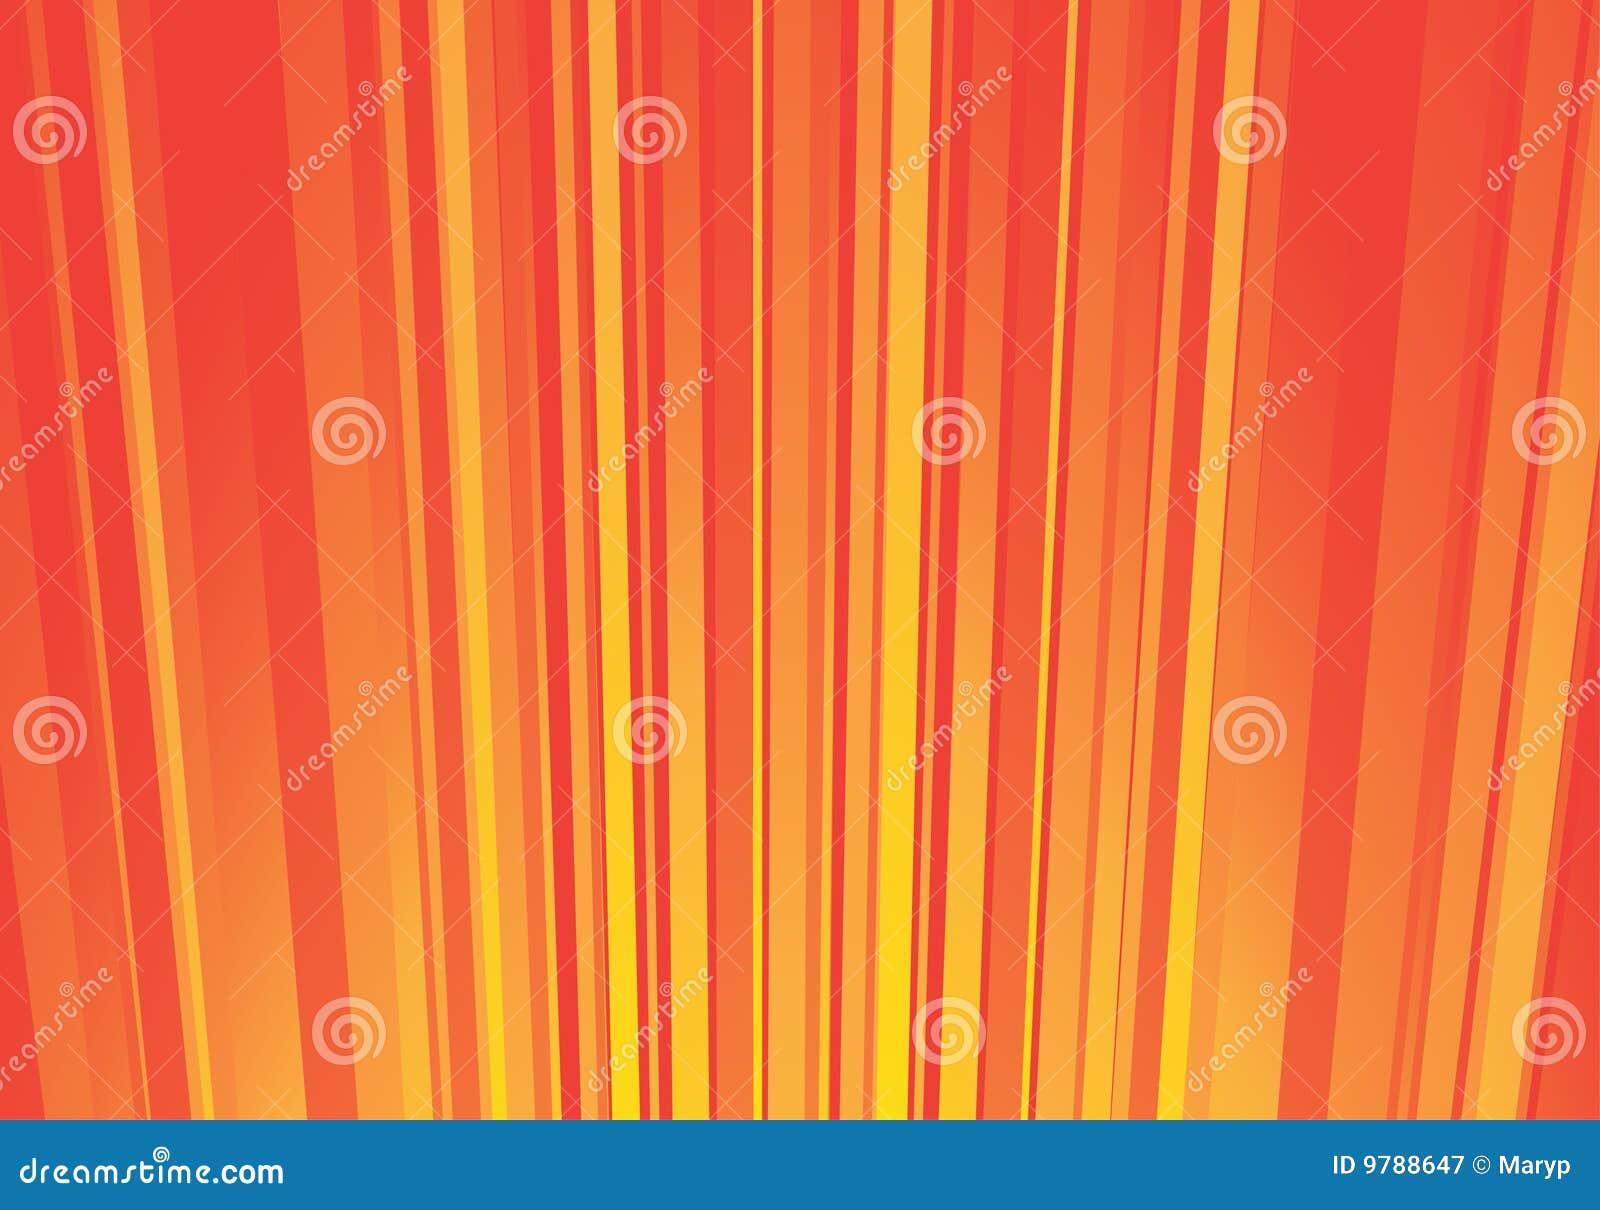 orange background free stock - photo #46